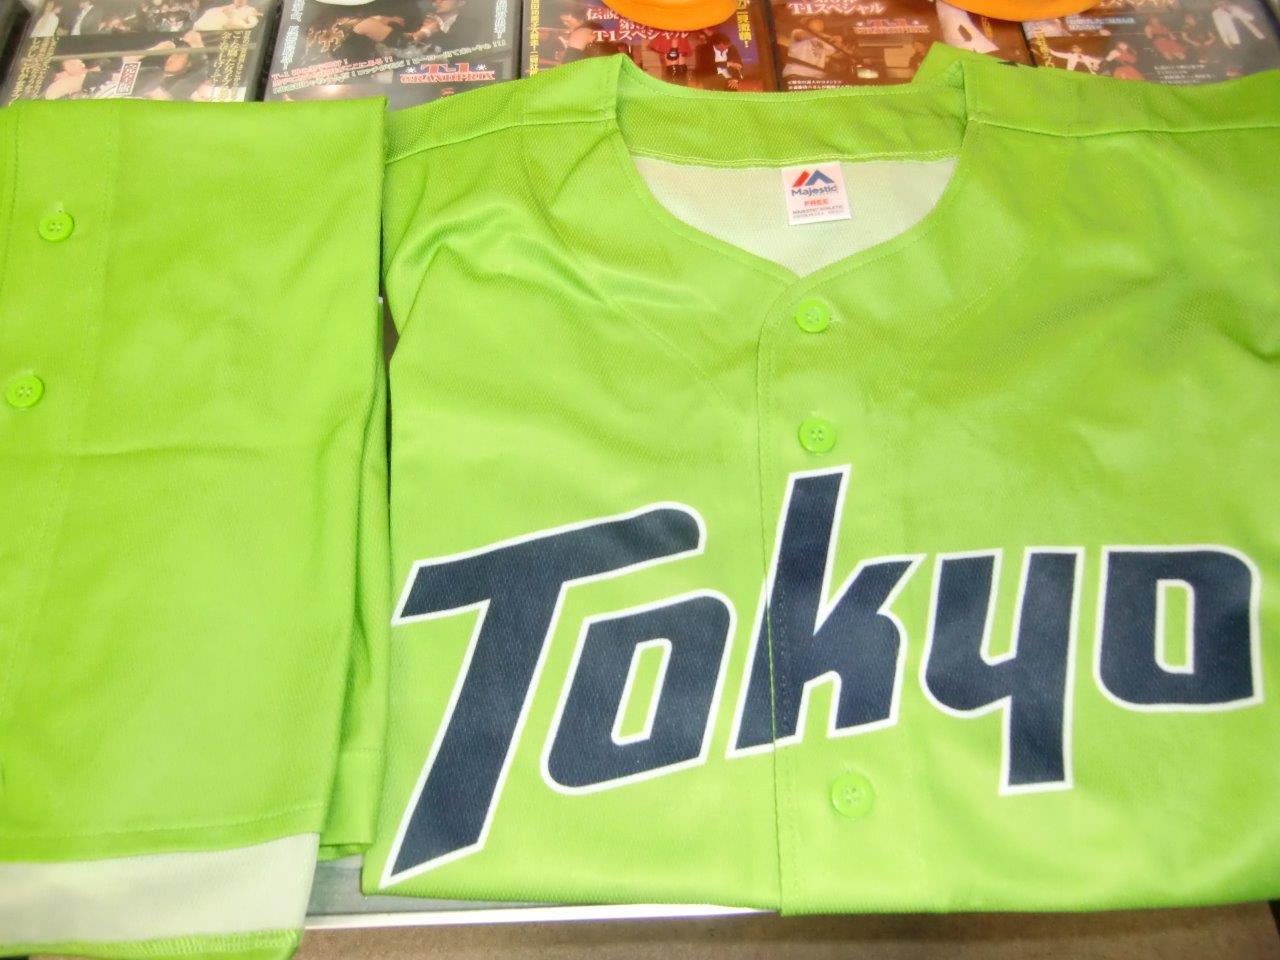 2021 TOKYO燕パワーユニホーム、松本友 イラスト付き ゆらゆらキーホルダー